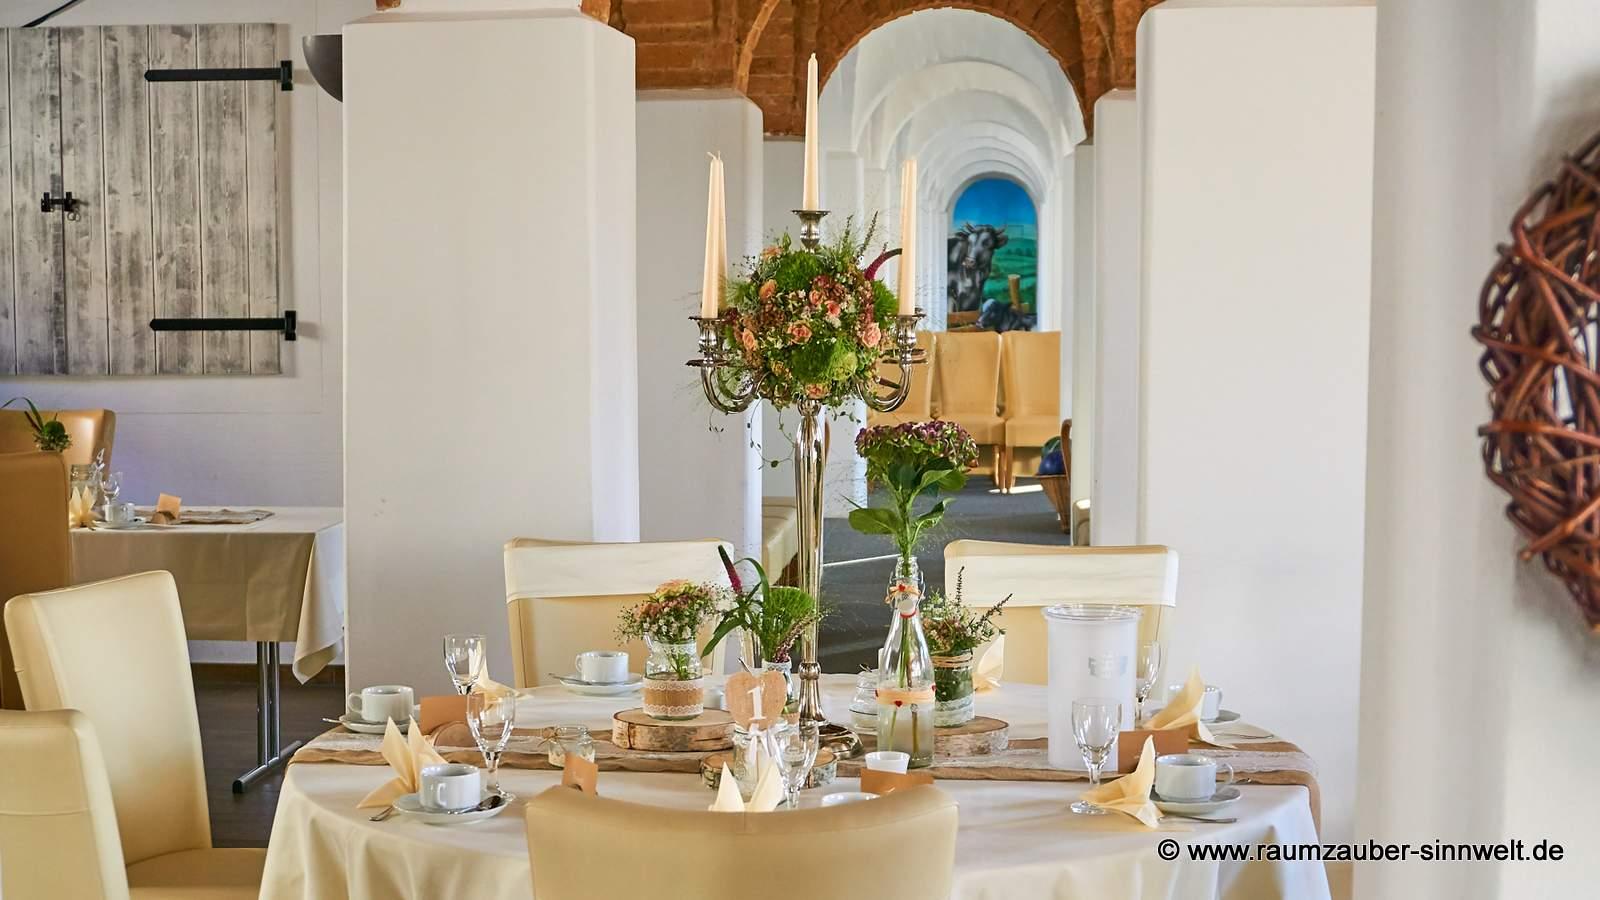 Tischdekoration mit Rosen, Heide, Sedum und Mühlenbeckia